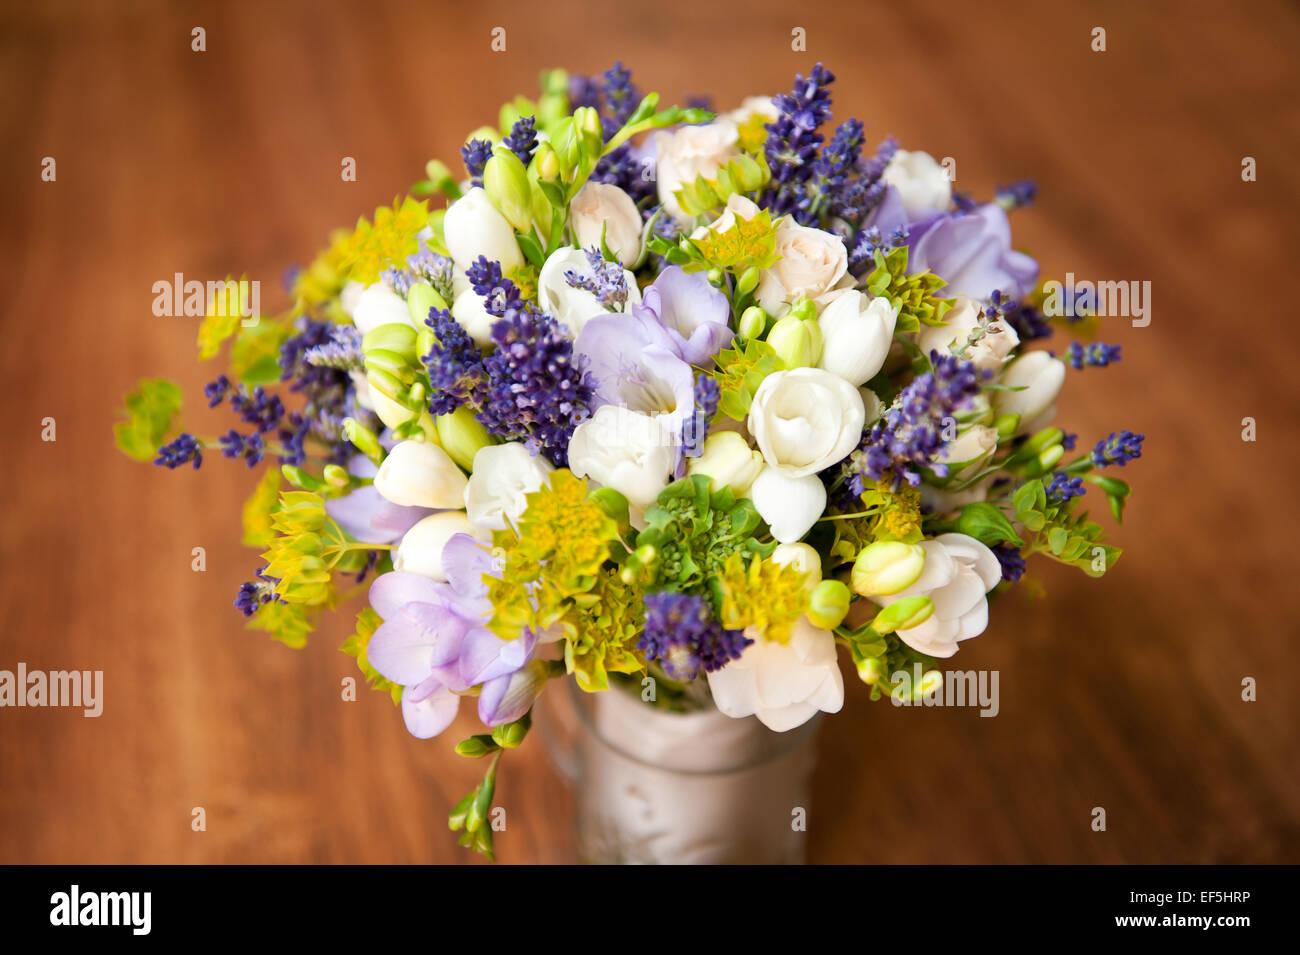 Bridal Freesie Lila Blumenstrauss Hochzeitsblumen Stockfoto Bild